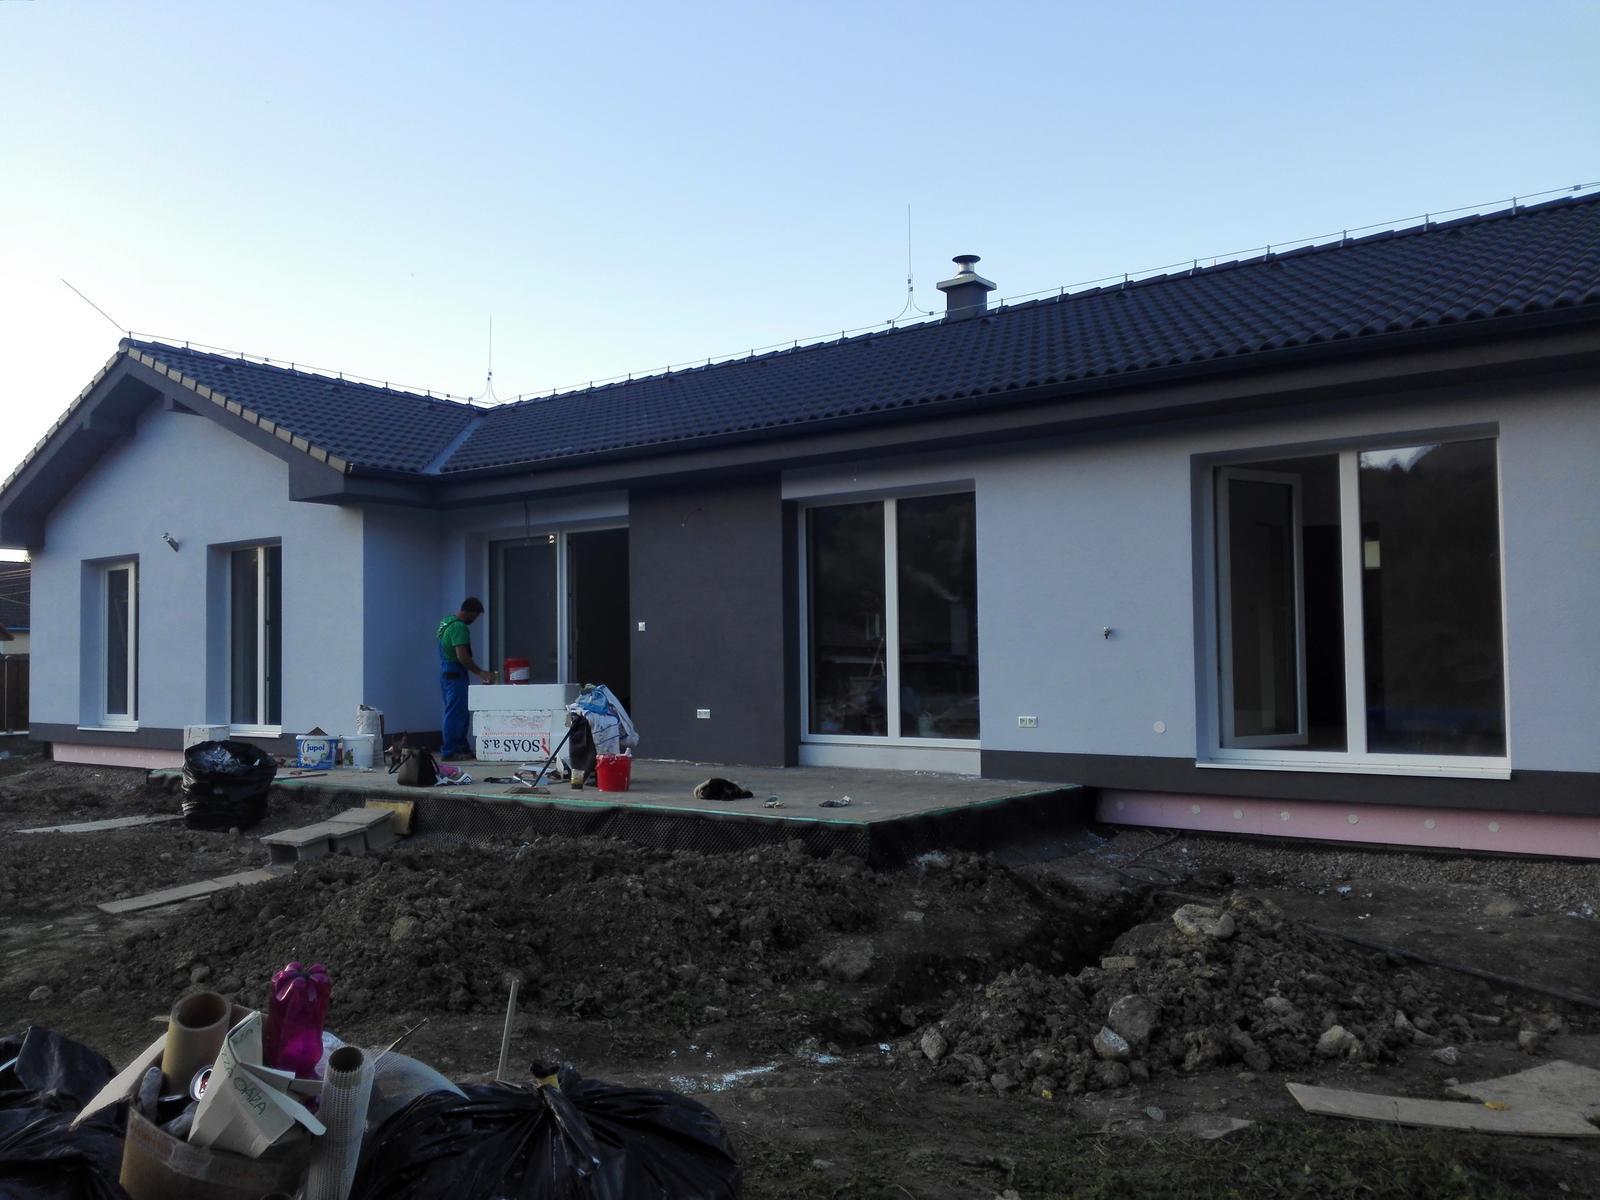 Keď si zmyslíme stavať dom - 18:30 stavba dokončenaaa :D